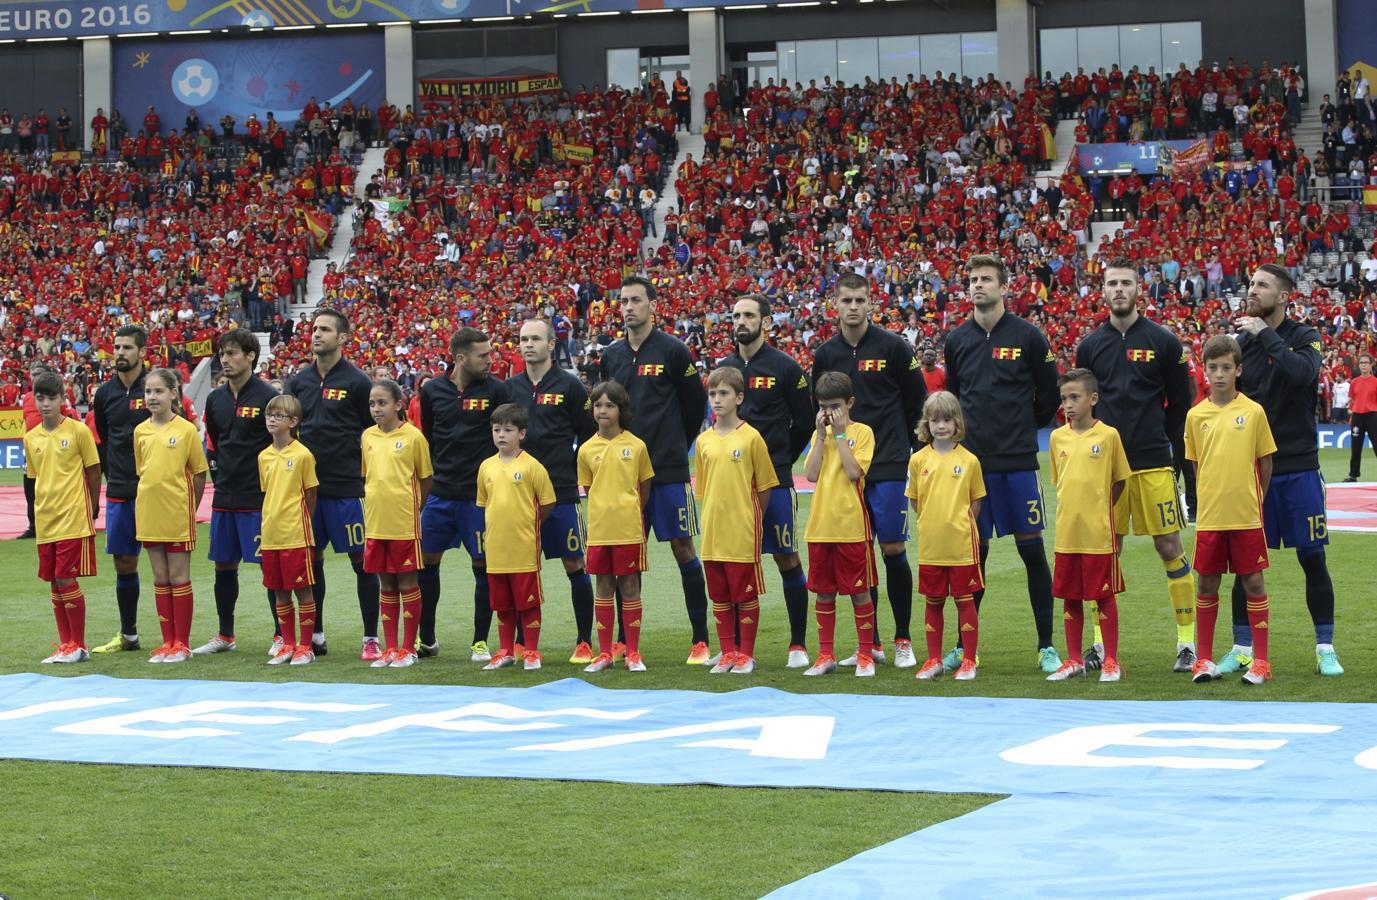 De izquierda a derecha: Sergio, Nerea, Pau, Marta, Eder, Yago, Íñigo, Alejandro, Ariadna, Jose y Javier escuchan junto a nuestros internacionales el himno español